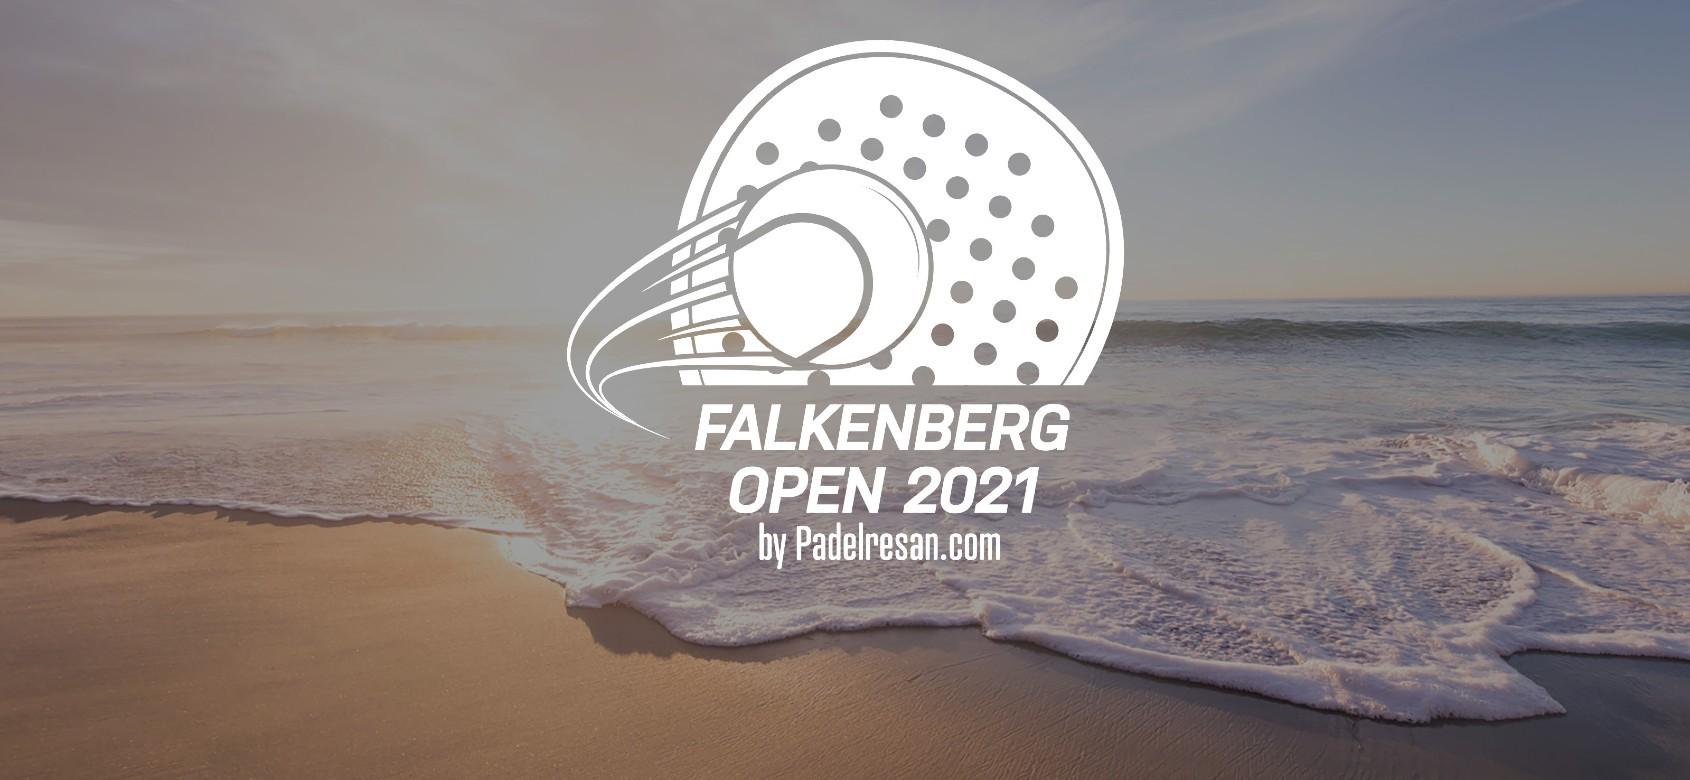 Falkenberg Open